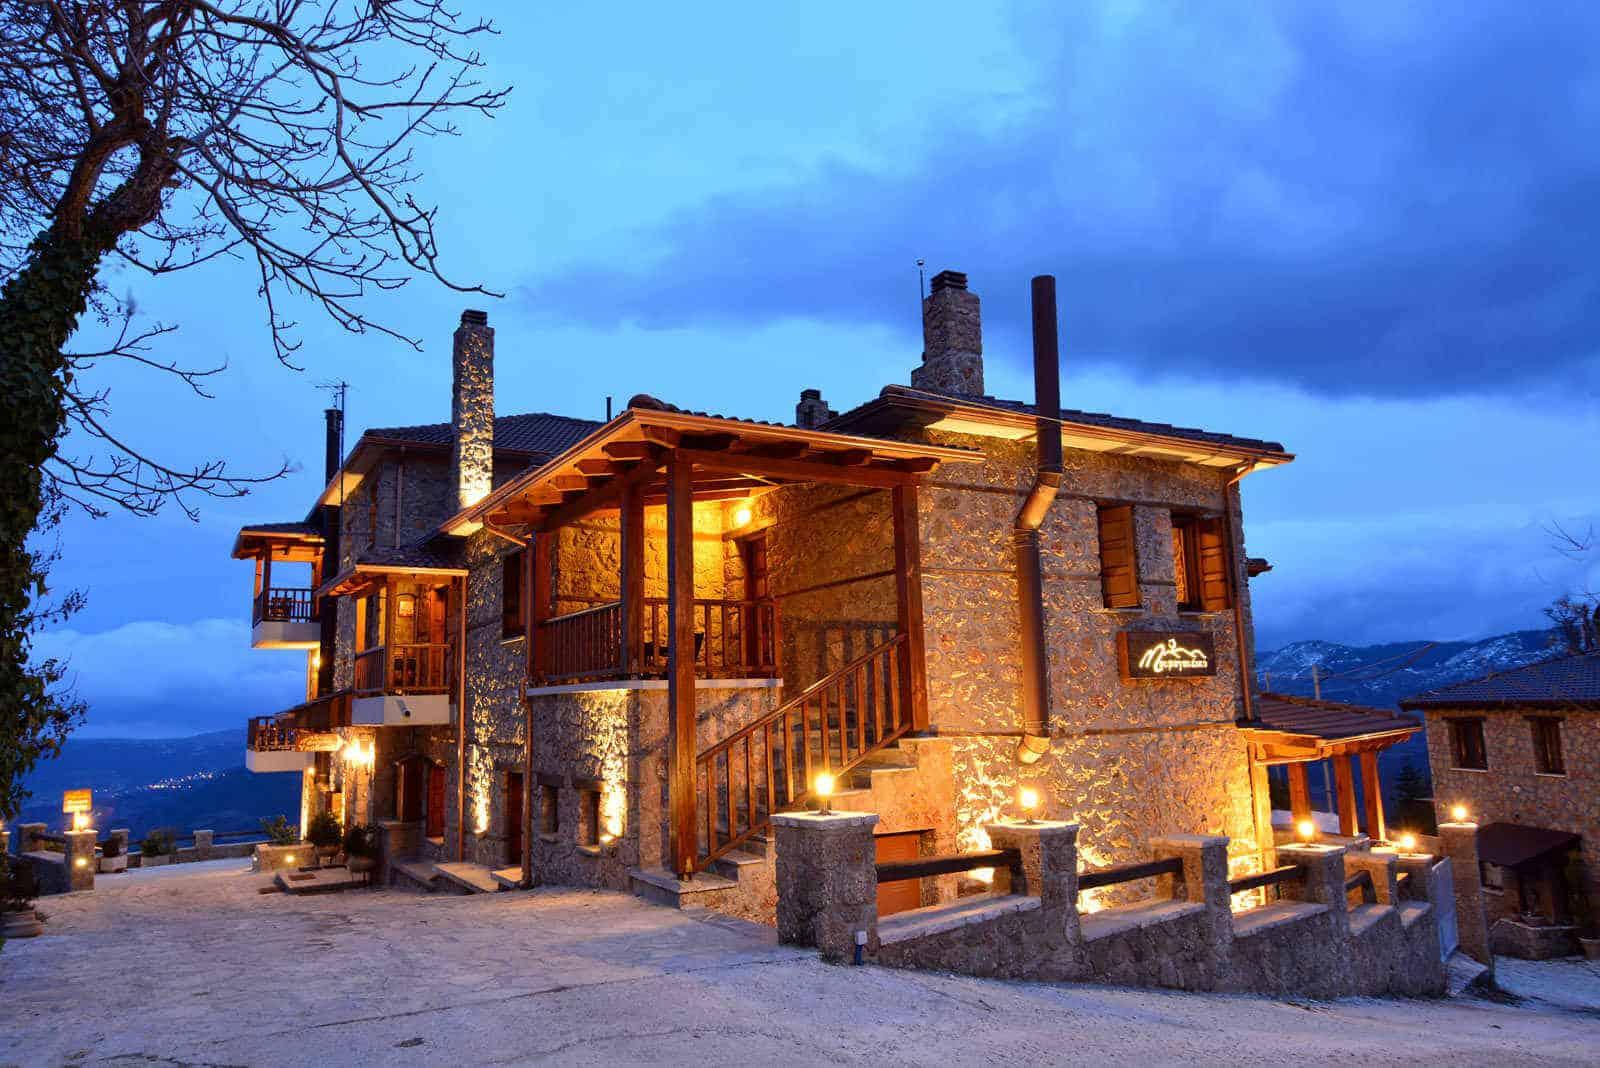 Τρίκαλα Κορινθίας Μαυραγανέϊκο ξενώνας, διαμονή στα Trikala Korinthias